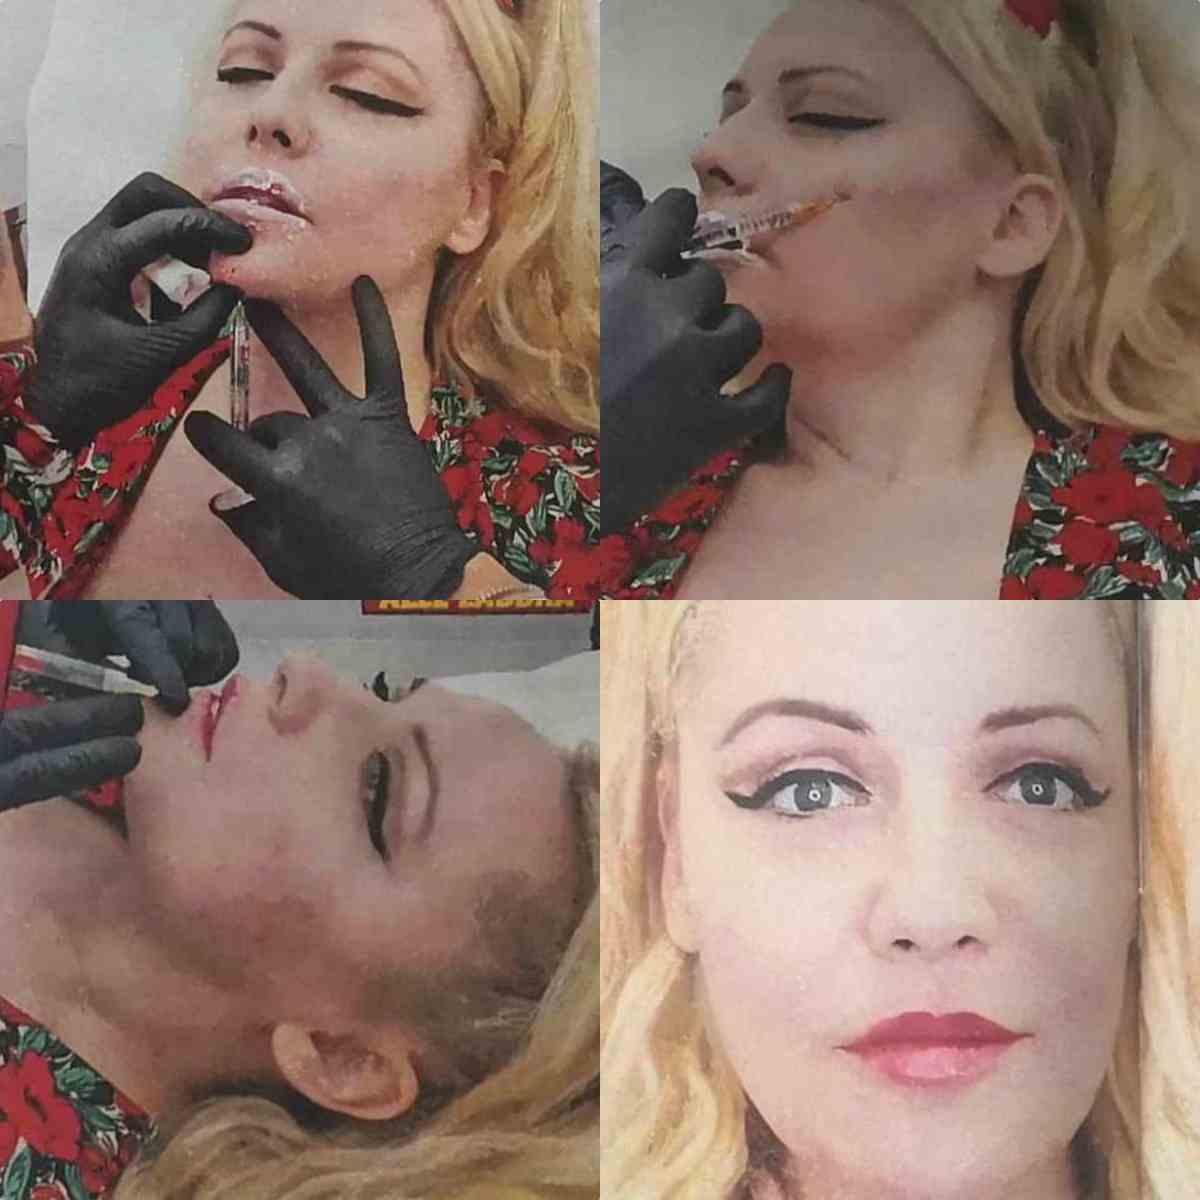 la subrettina, lisa fusco si è rifatta labbra e zigomi, le foto